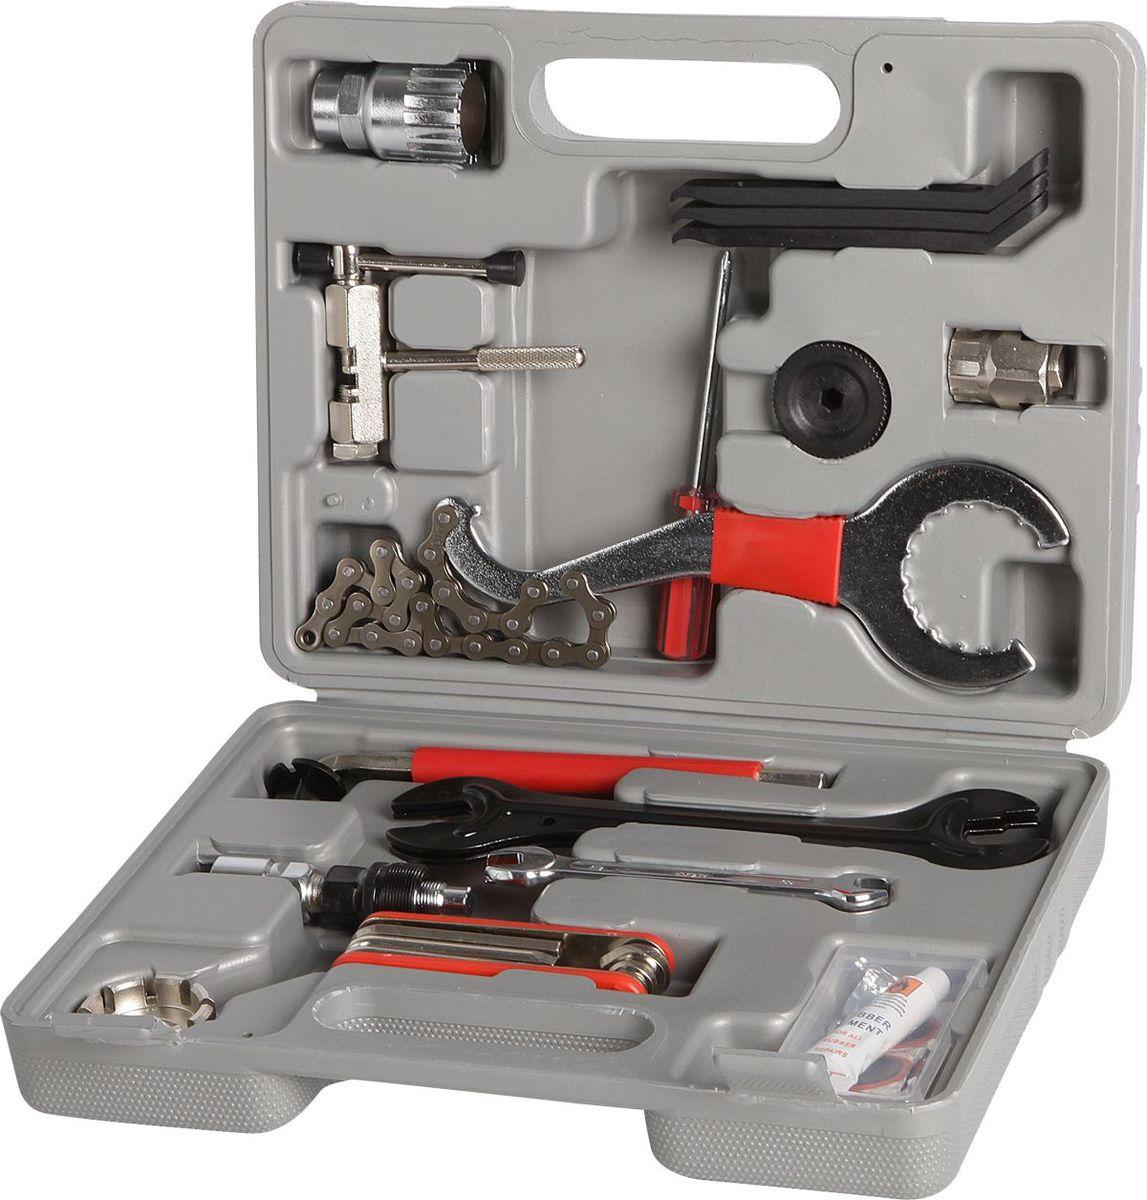 Набор ключей STG, 18 предметовMW-1462-01-SR серебристыйНабор в пластиковом чемоданчике. Вес: 1630гр. Набор - 18 инструментовСъемник каретки, выжимка цепи, хлыст, накидной ключ каретки, крестовая отвертка, ключ ISIS, съемник трещотки, монтажки пластиковые 3шт., шестигранник 8мм, конусные ключи 2шт-13мм, 14мм, 15мм, 16мм, рожковый ключ - 8мм, 10мм, спицевой ключ, велоаптечка ( клей, металлическая шкурка, резиновый ниппель, 5 заплаток), складной набор (шестигранники - 2мм, 3мм, 4,мм, 5мм, 6мм, отвертки - крестовая, плоская).